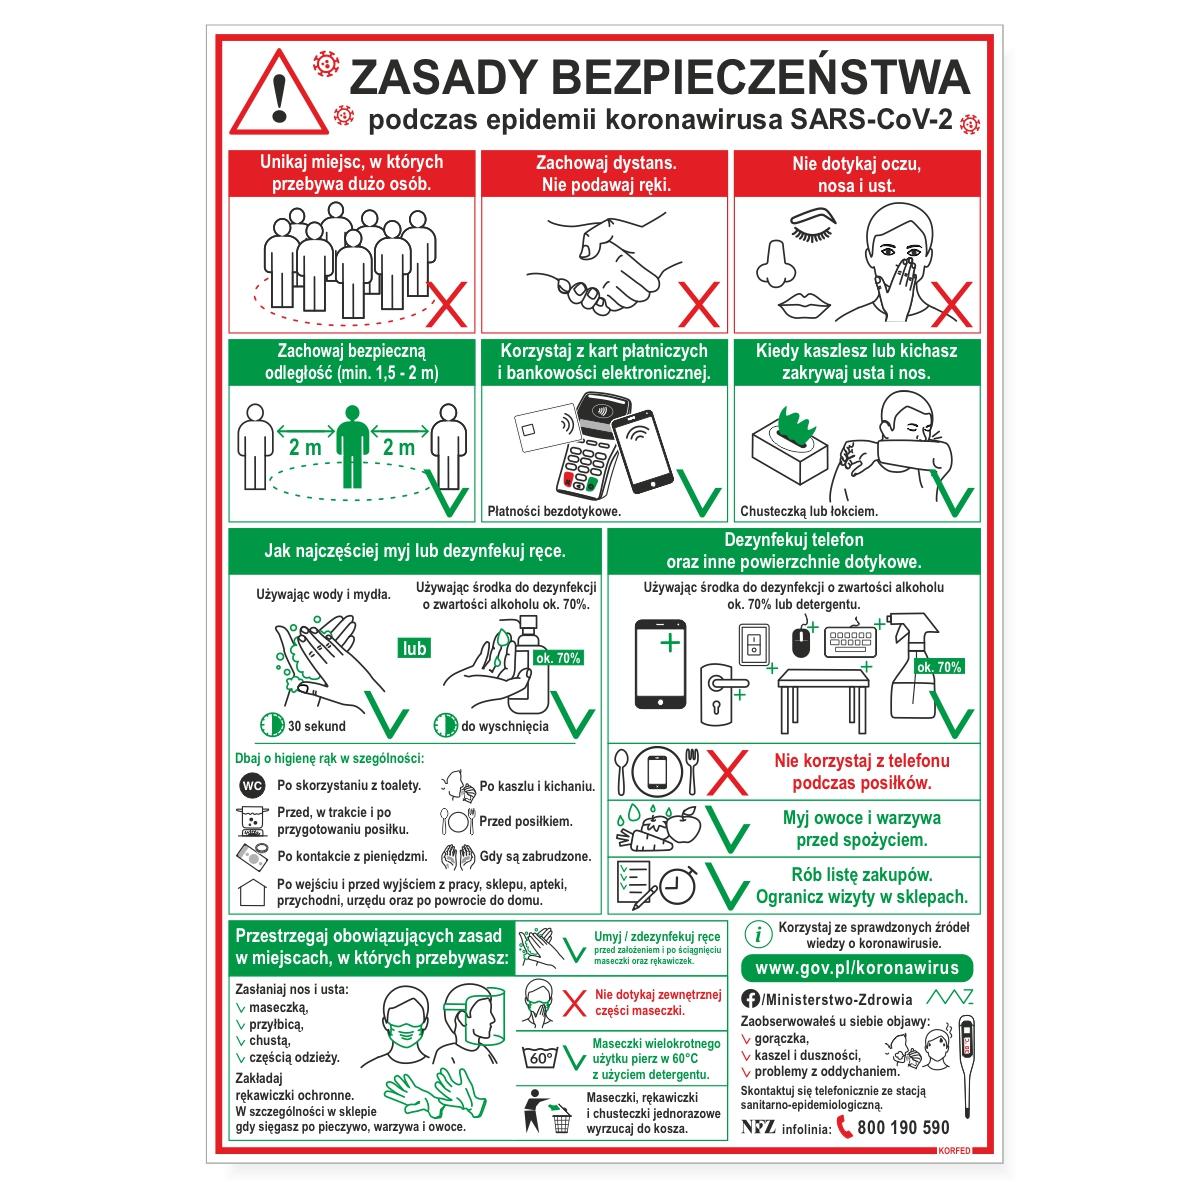 Tablice informacyjno-edukacyjne -środki ostrożności podczas pandemii koronawirus COVID, wraz z ilustracjami - infografikami, oznakowanie, oznaczenia epidemiczne, zasady bezpieczeństwa zgodne z zaleceniami Ministerstwa Zdrowia, GIS i sanepid